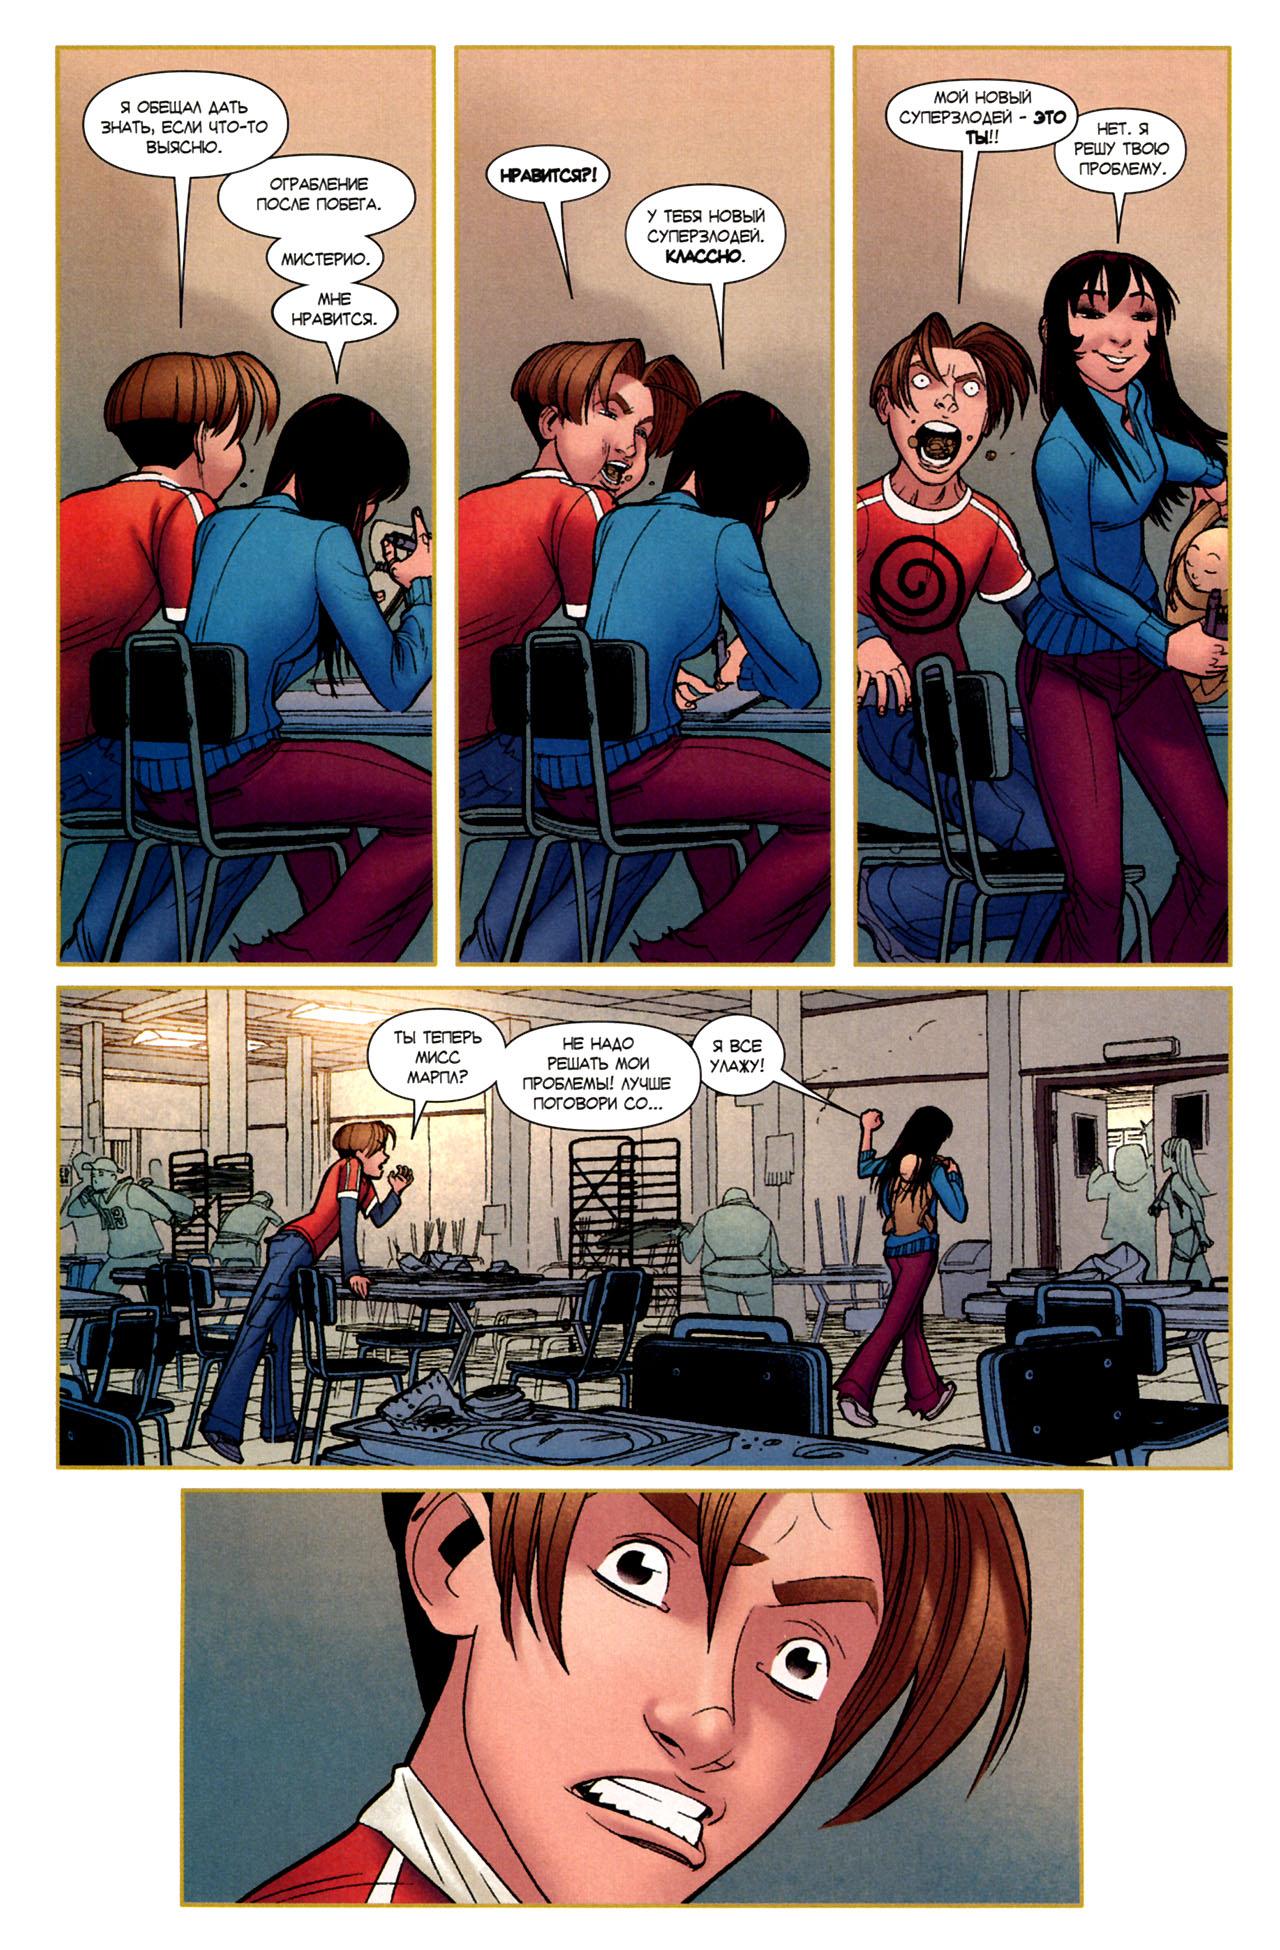 Читать онлайн комиксы 10 фотография